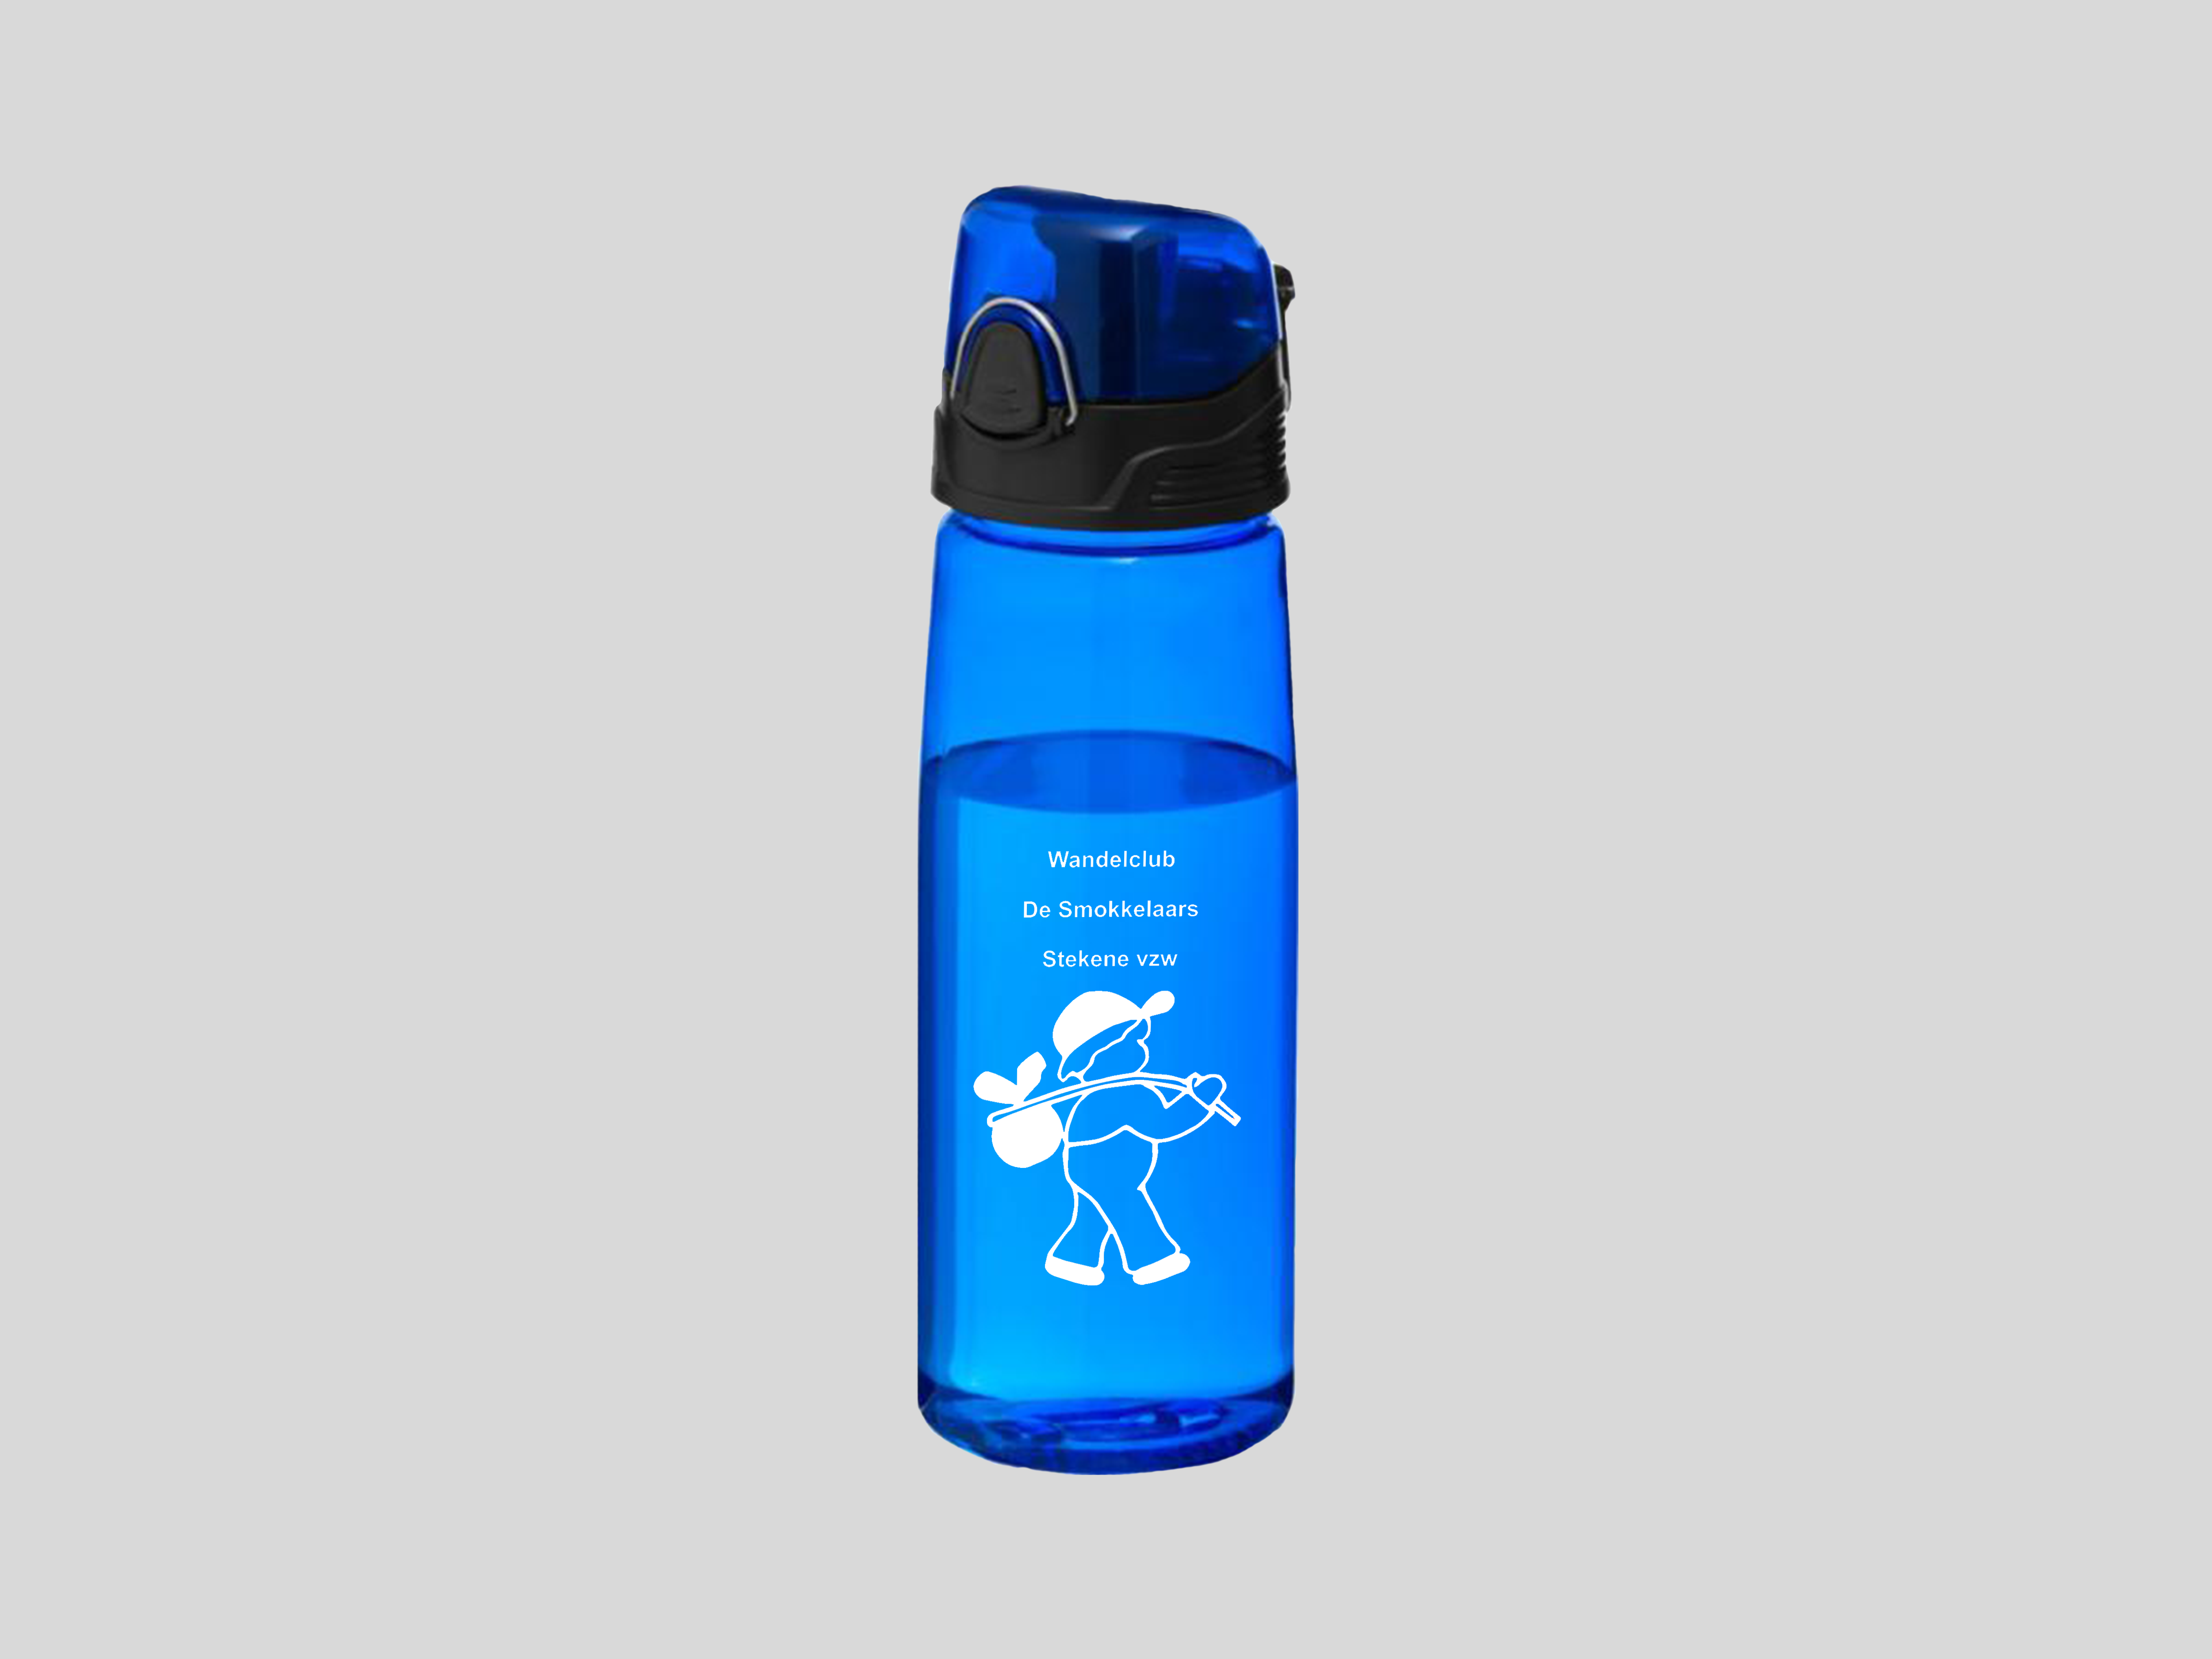 Drinkfles met logo bedrukt door Voel